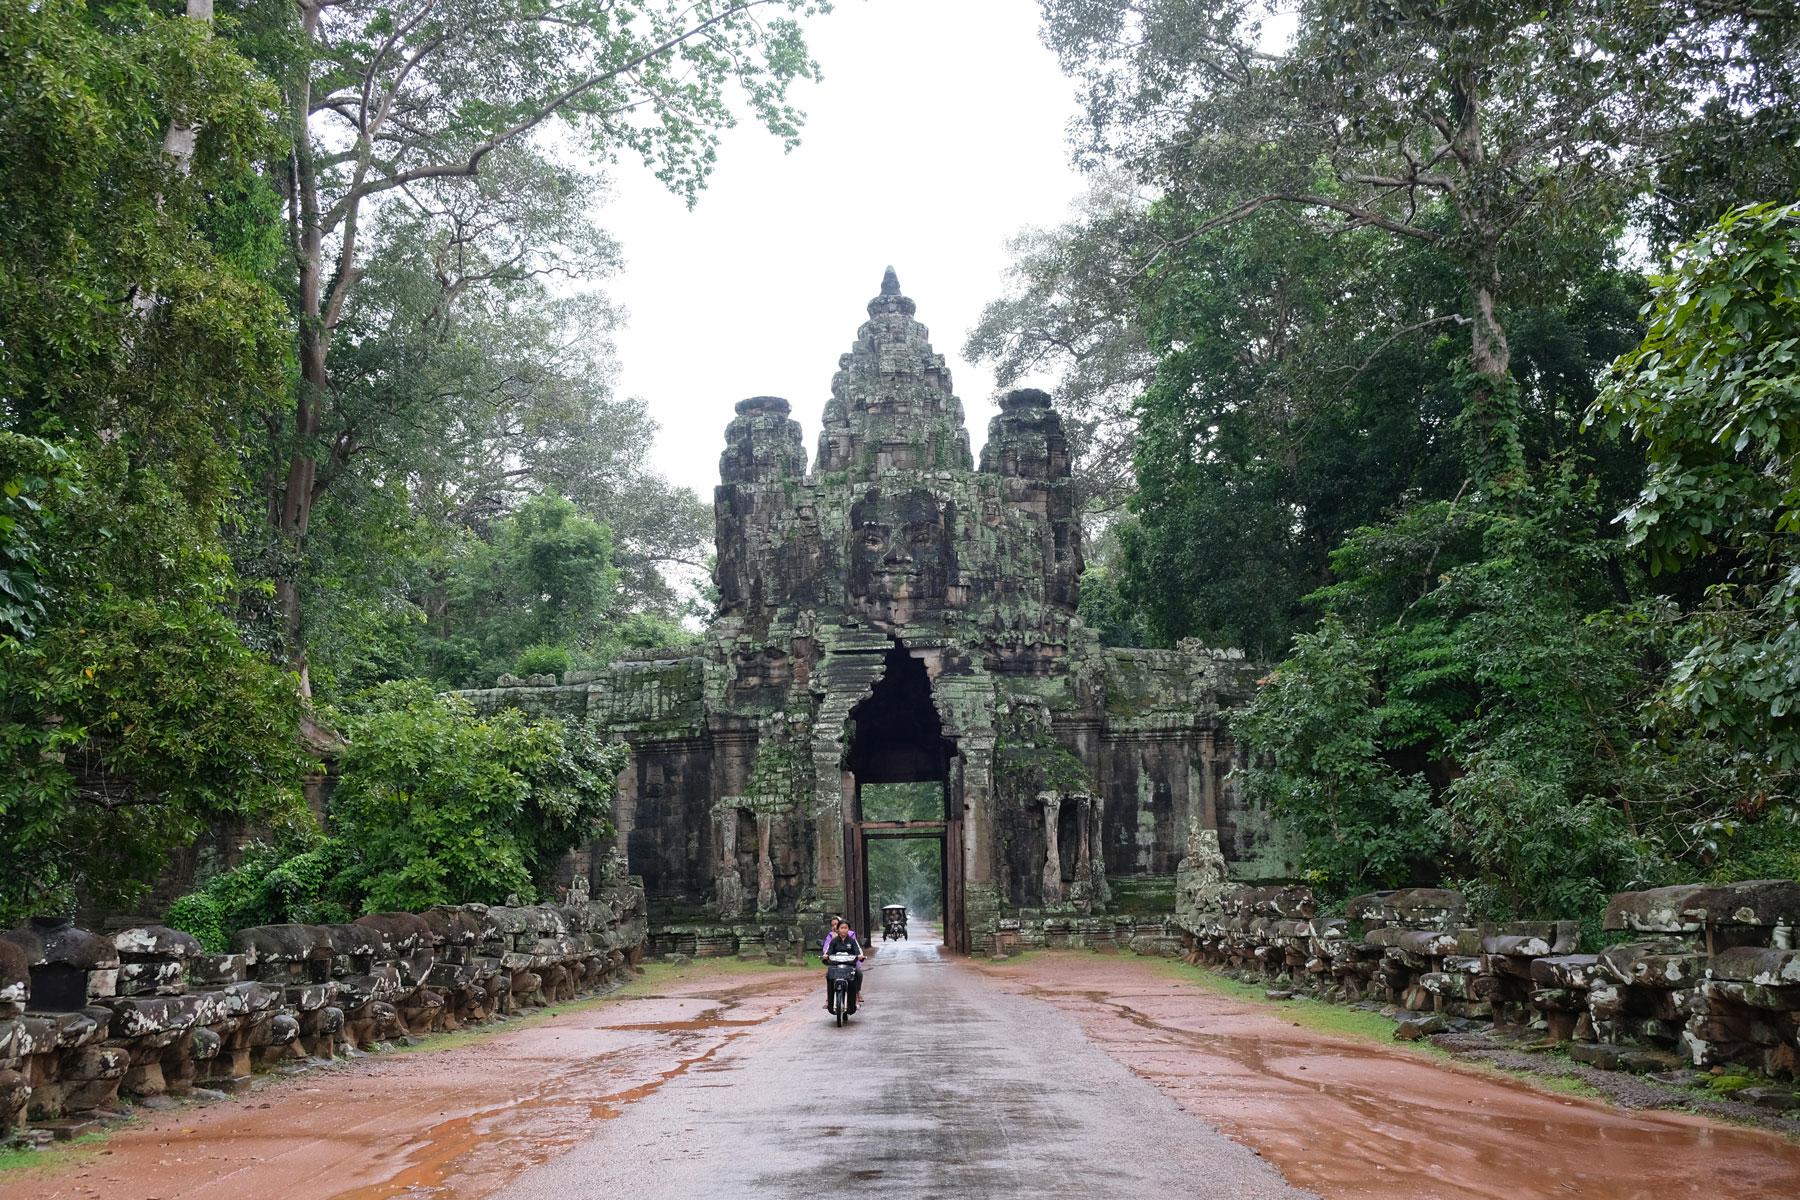 Ein Motorroller fährt aus dem Victory Gate in Angkor Wat.